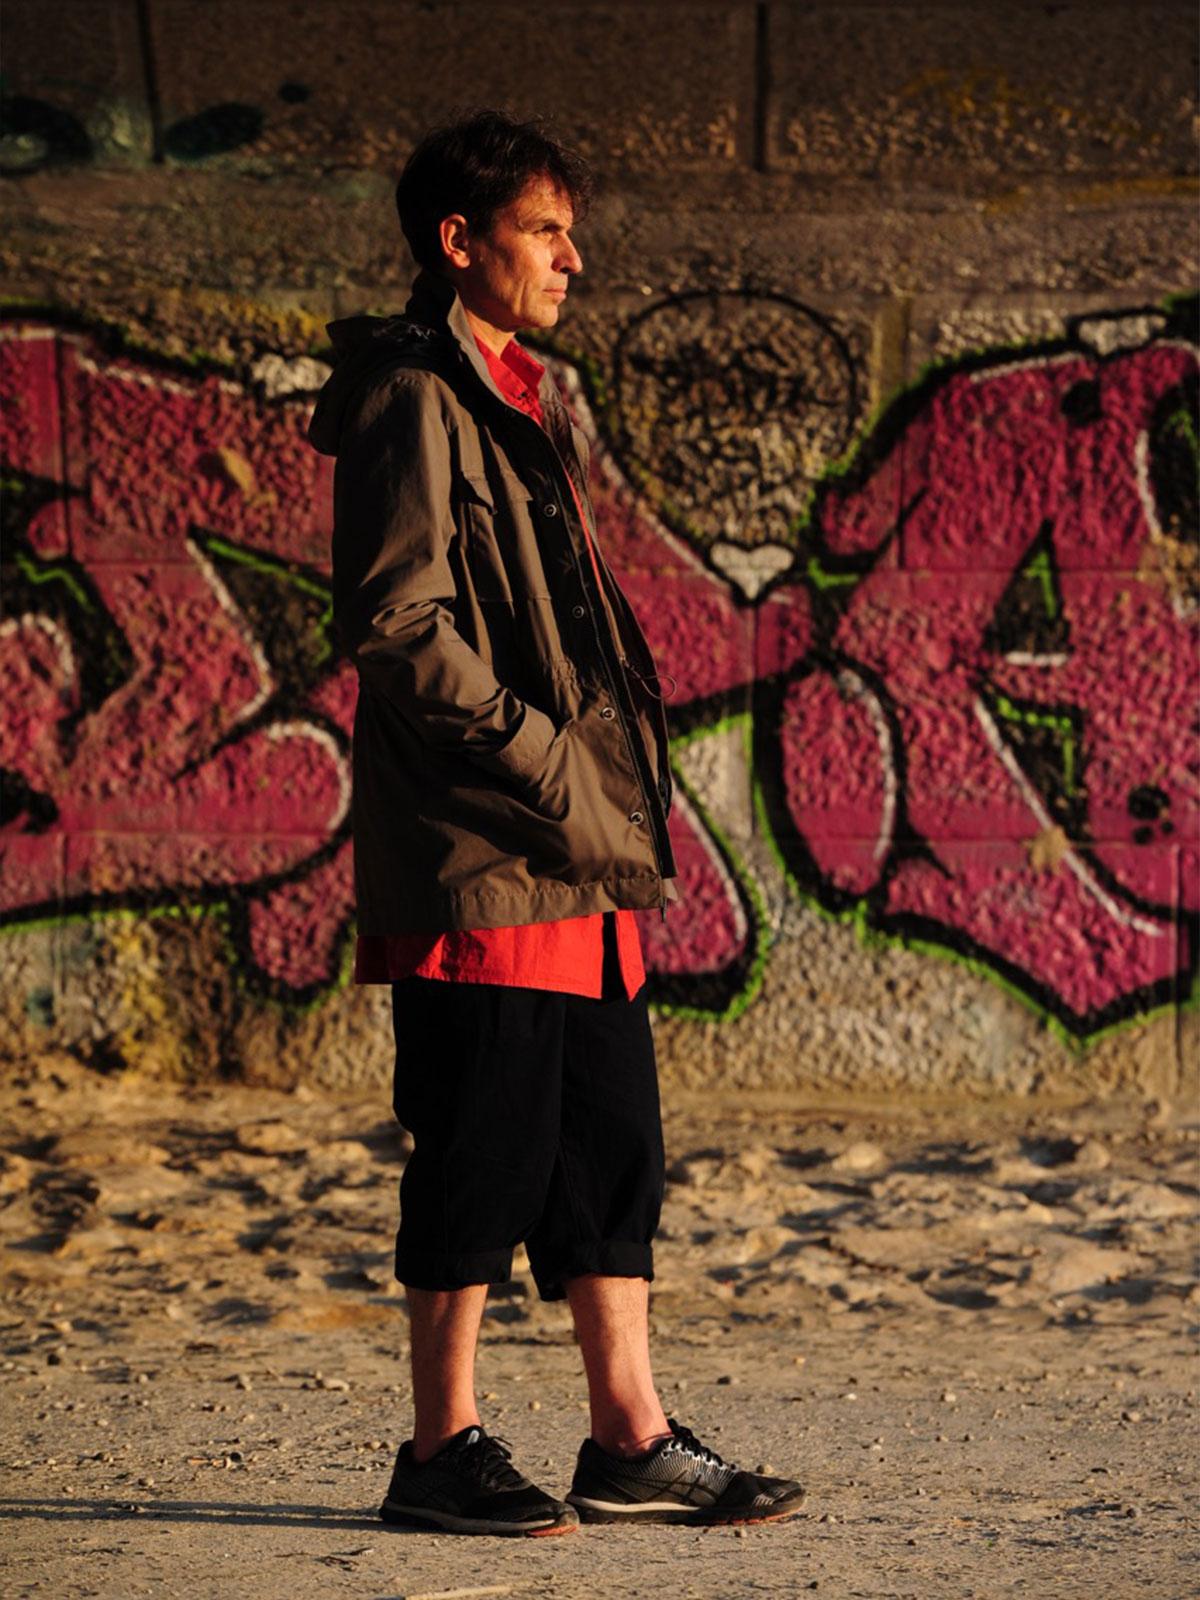 Clemens wearing the EtaProof Field Jacket